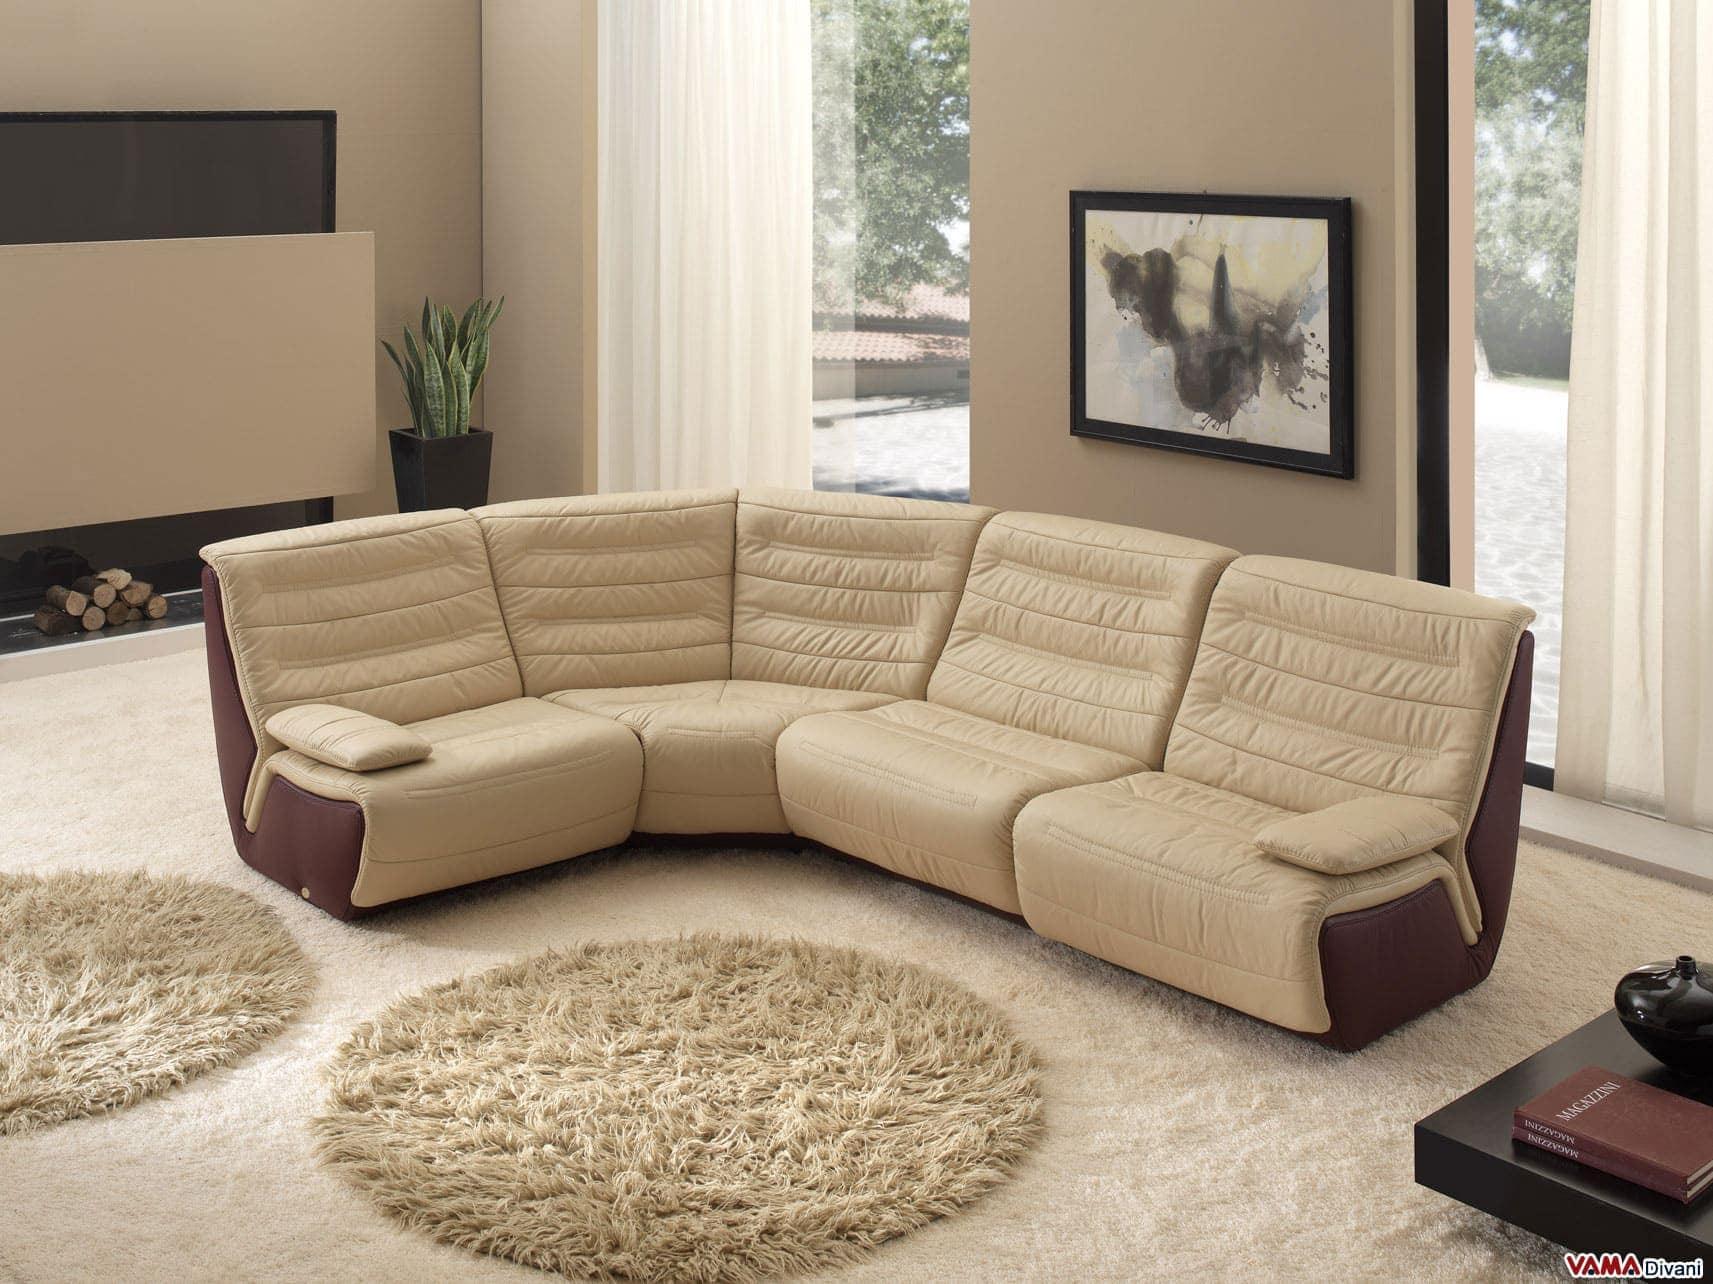 Divano angolare componibile di design in pelle di grandi misure - Copridivano angolare per divano in pelle ...